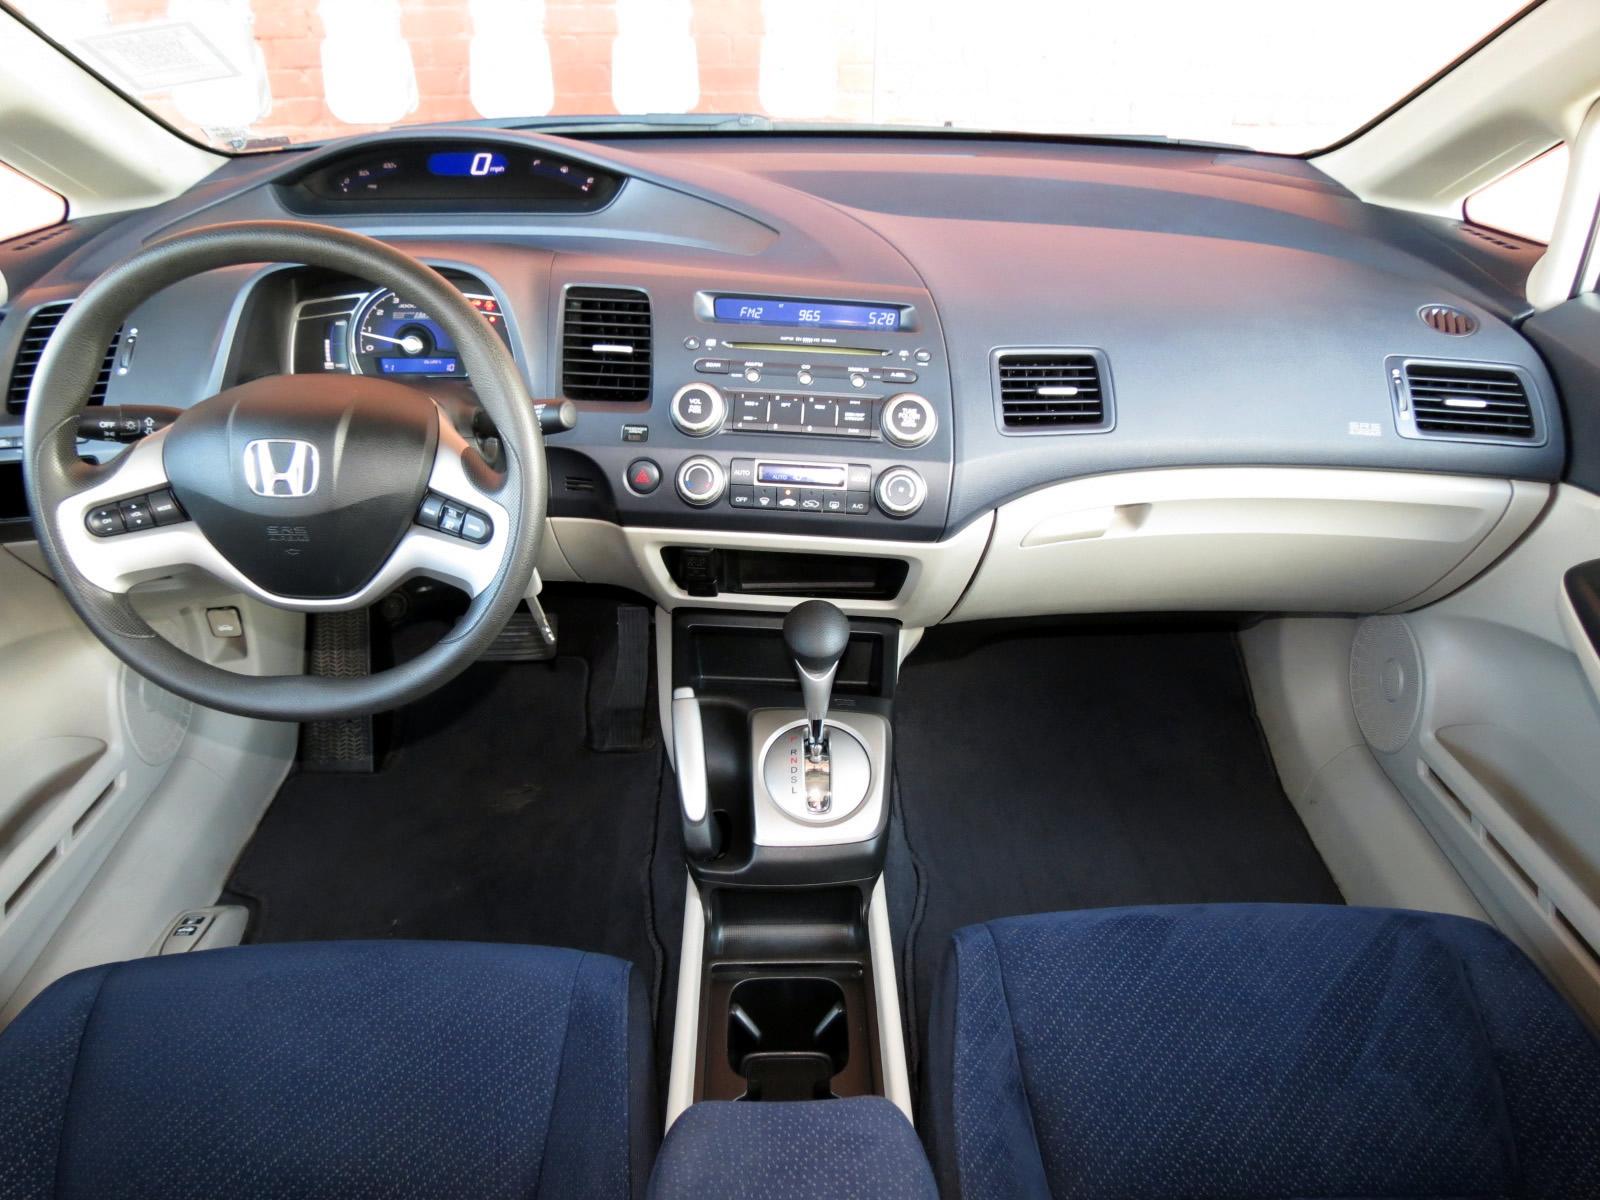 2006 Honda Civic Interior Pictures Cargurus